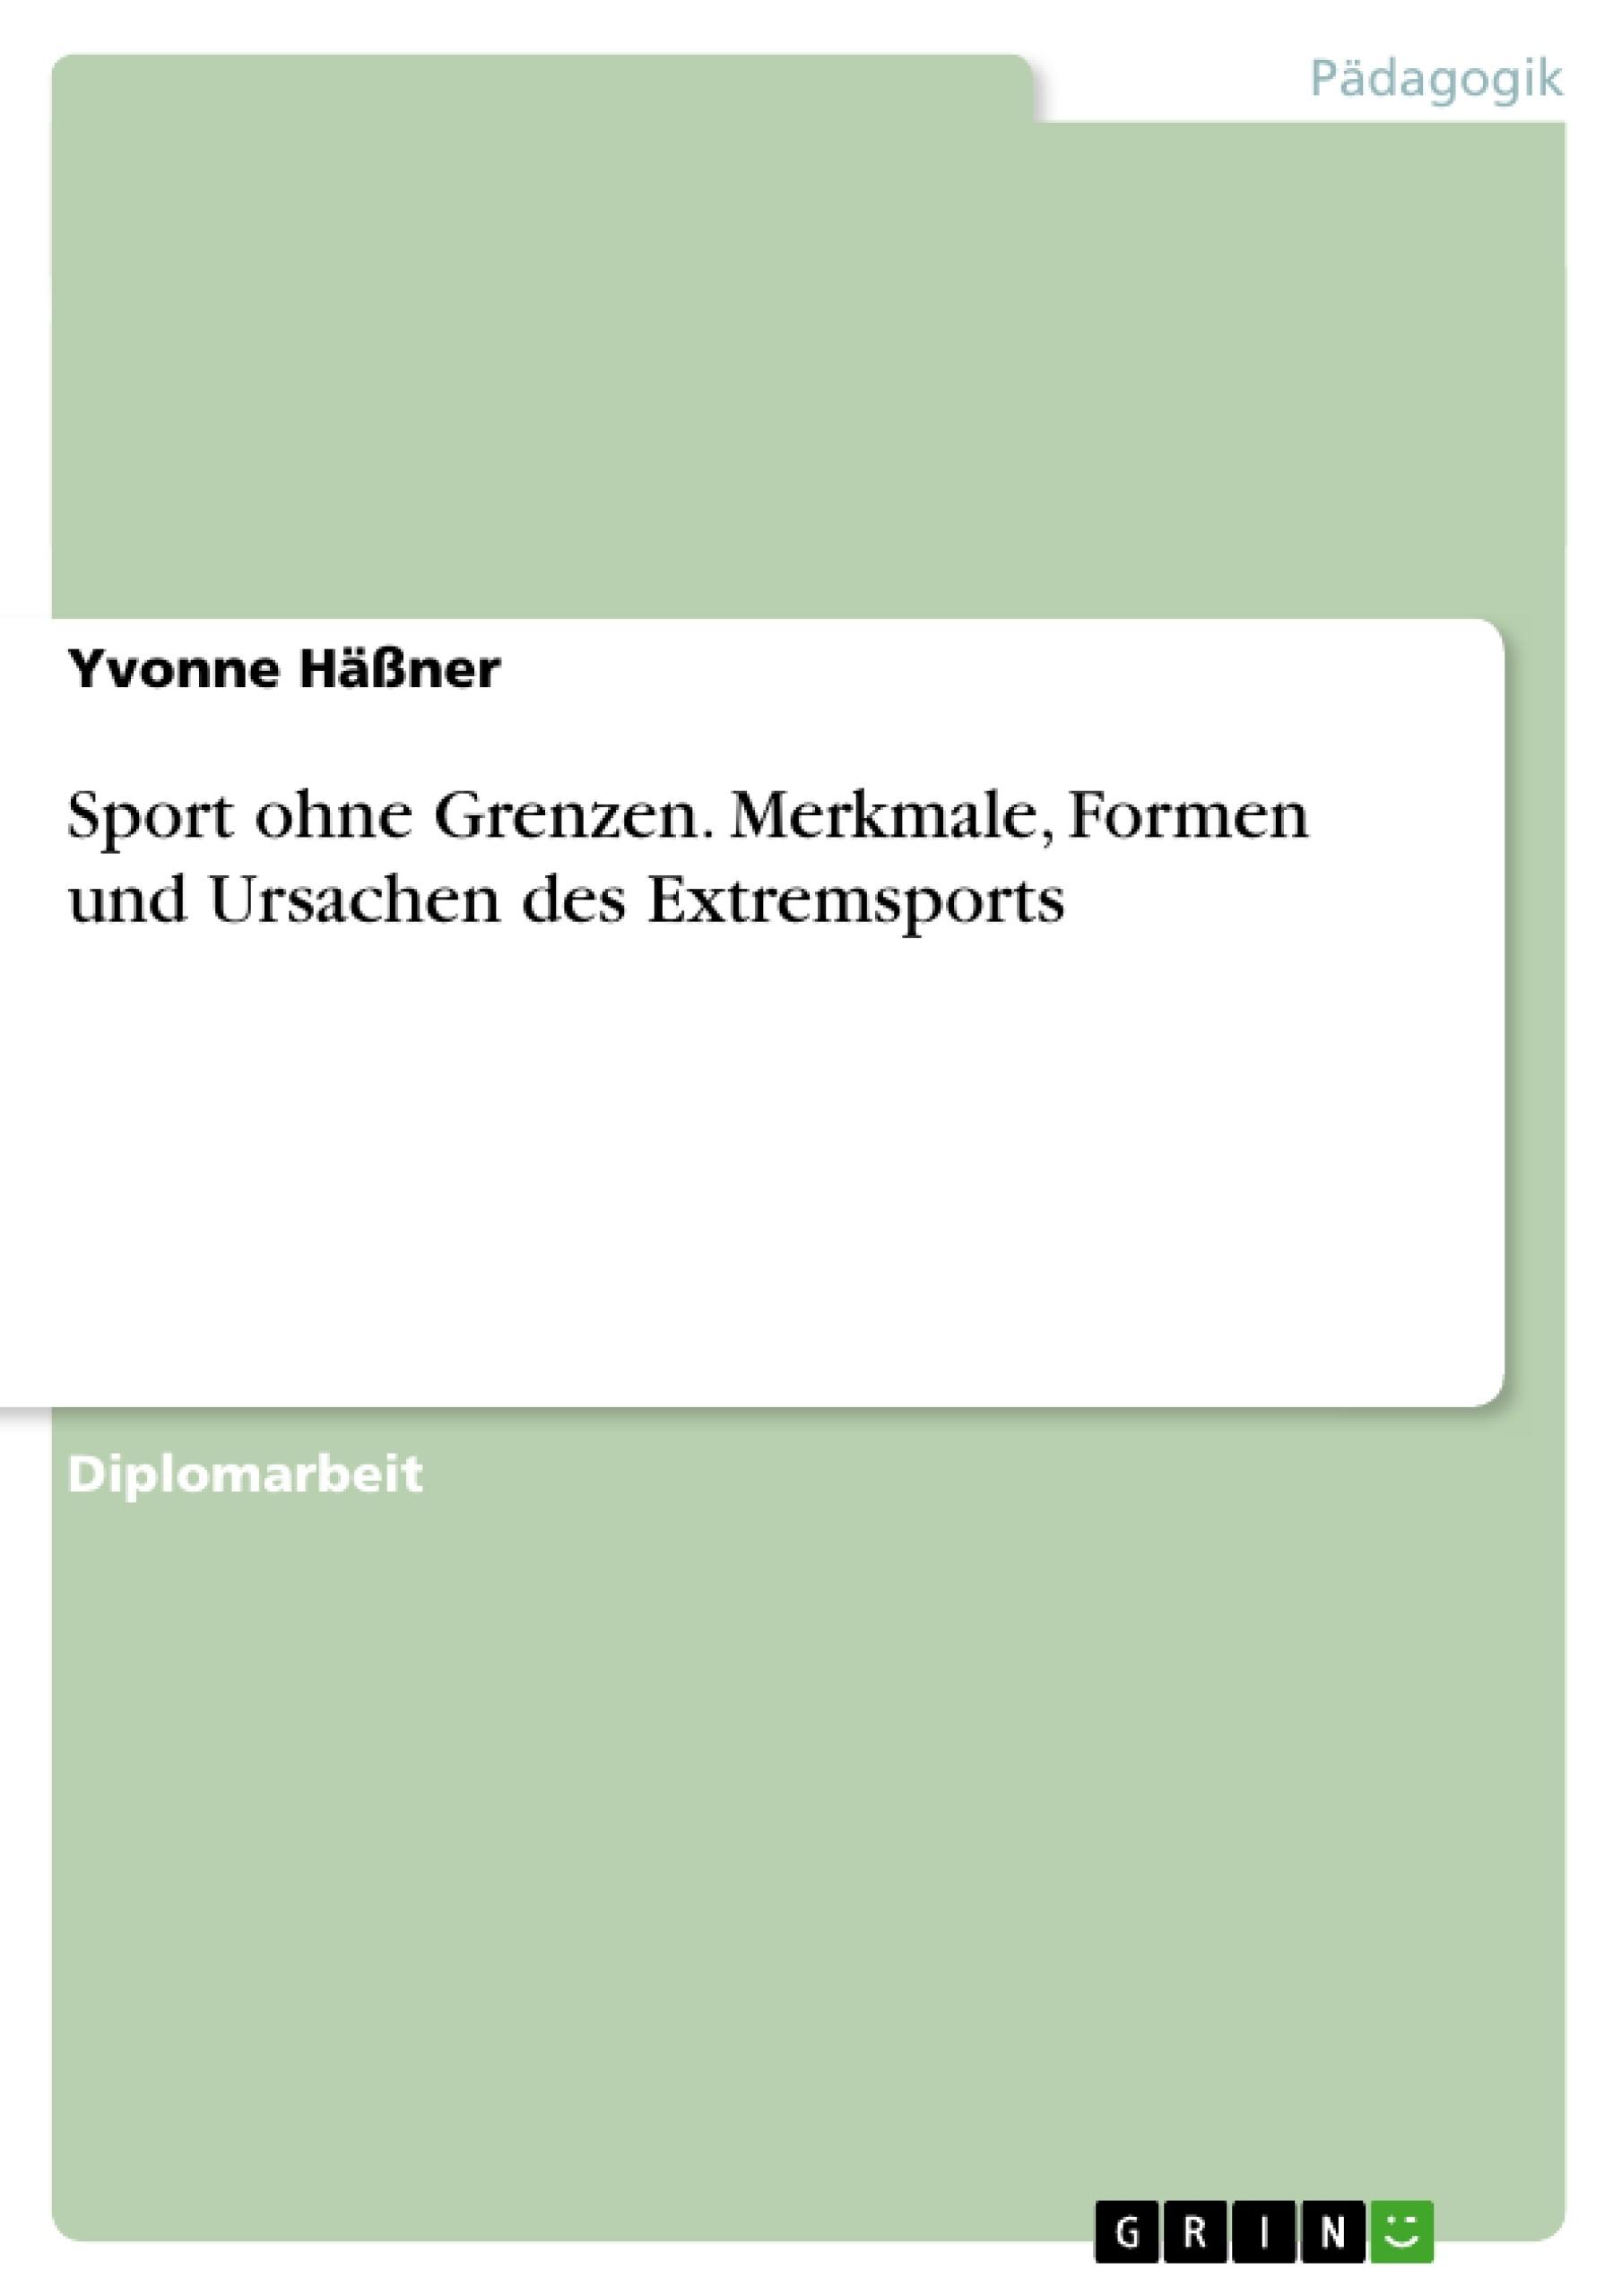 Titel: Sport ohne Grenzen. Merkmale, Formen und Ursachen des Extremsports